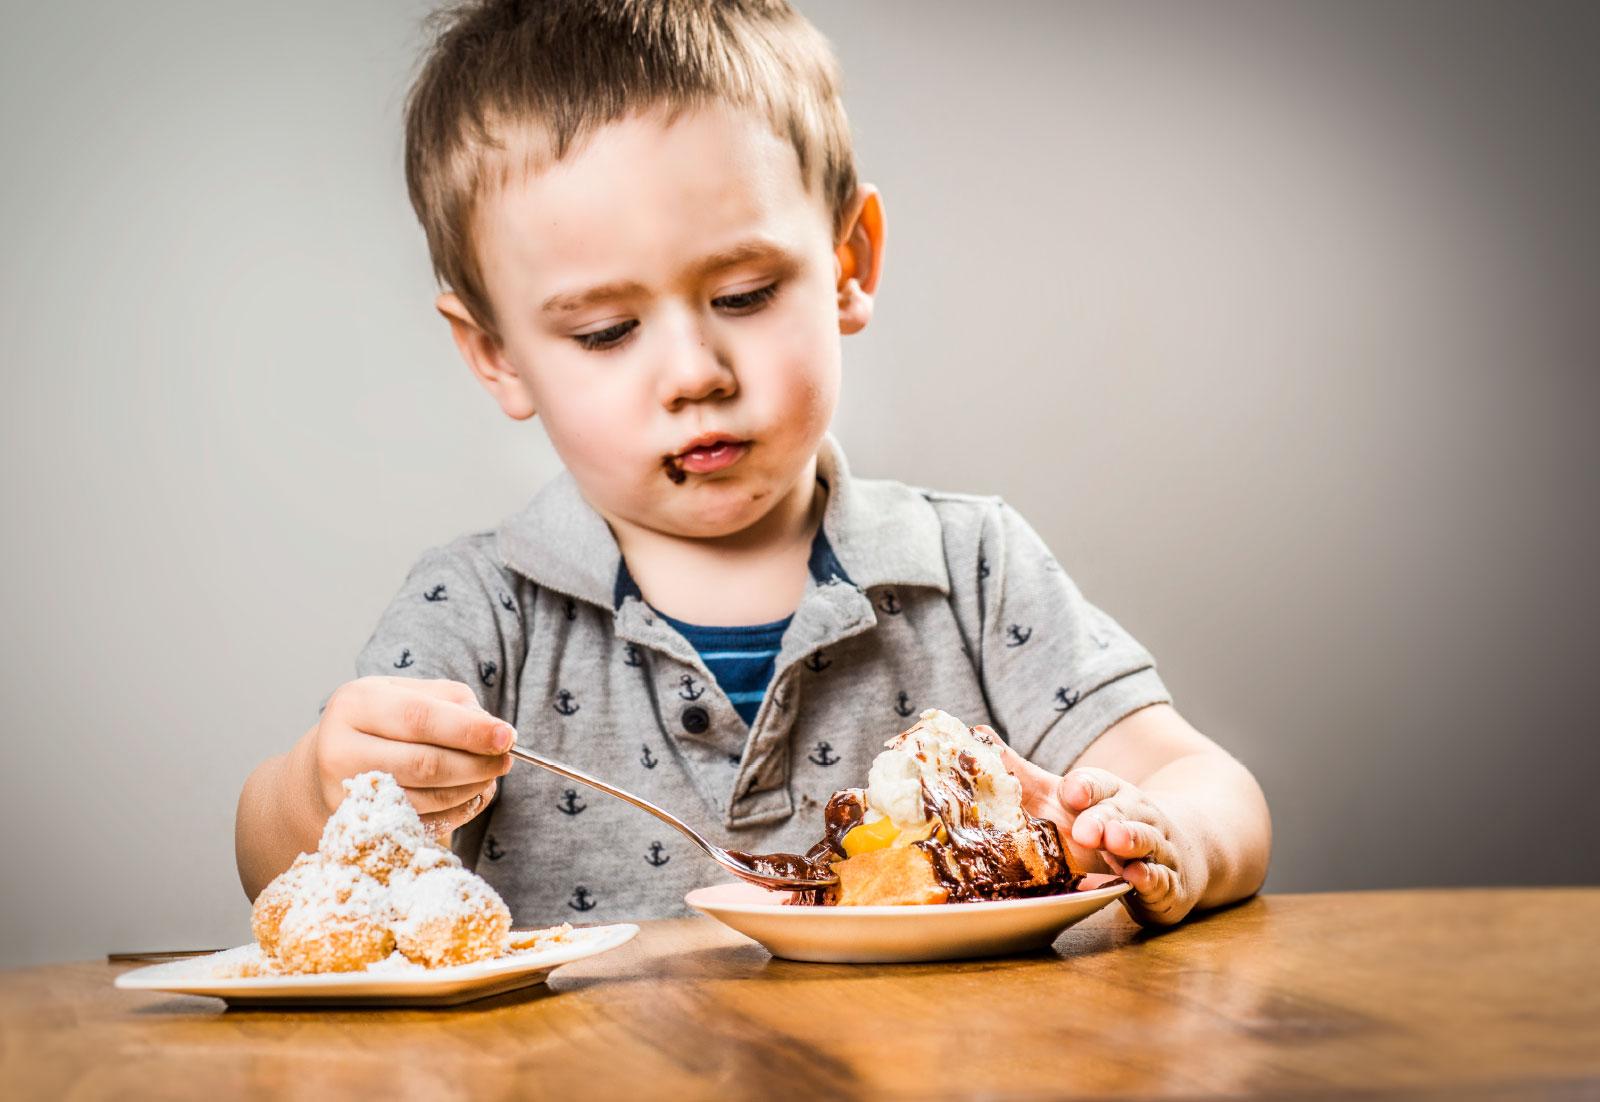 Knödel oder Waffeln? Bei diesem Anblick fällt die Entscheidung nicht leicht. Dieser junge Mann hat sein süßes Glück in der Waffel gefunden. Ein weiteres Highlight für die kleine Gäste: Die Heiße Schokolade mit Marshmallows.